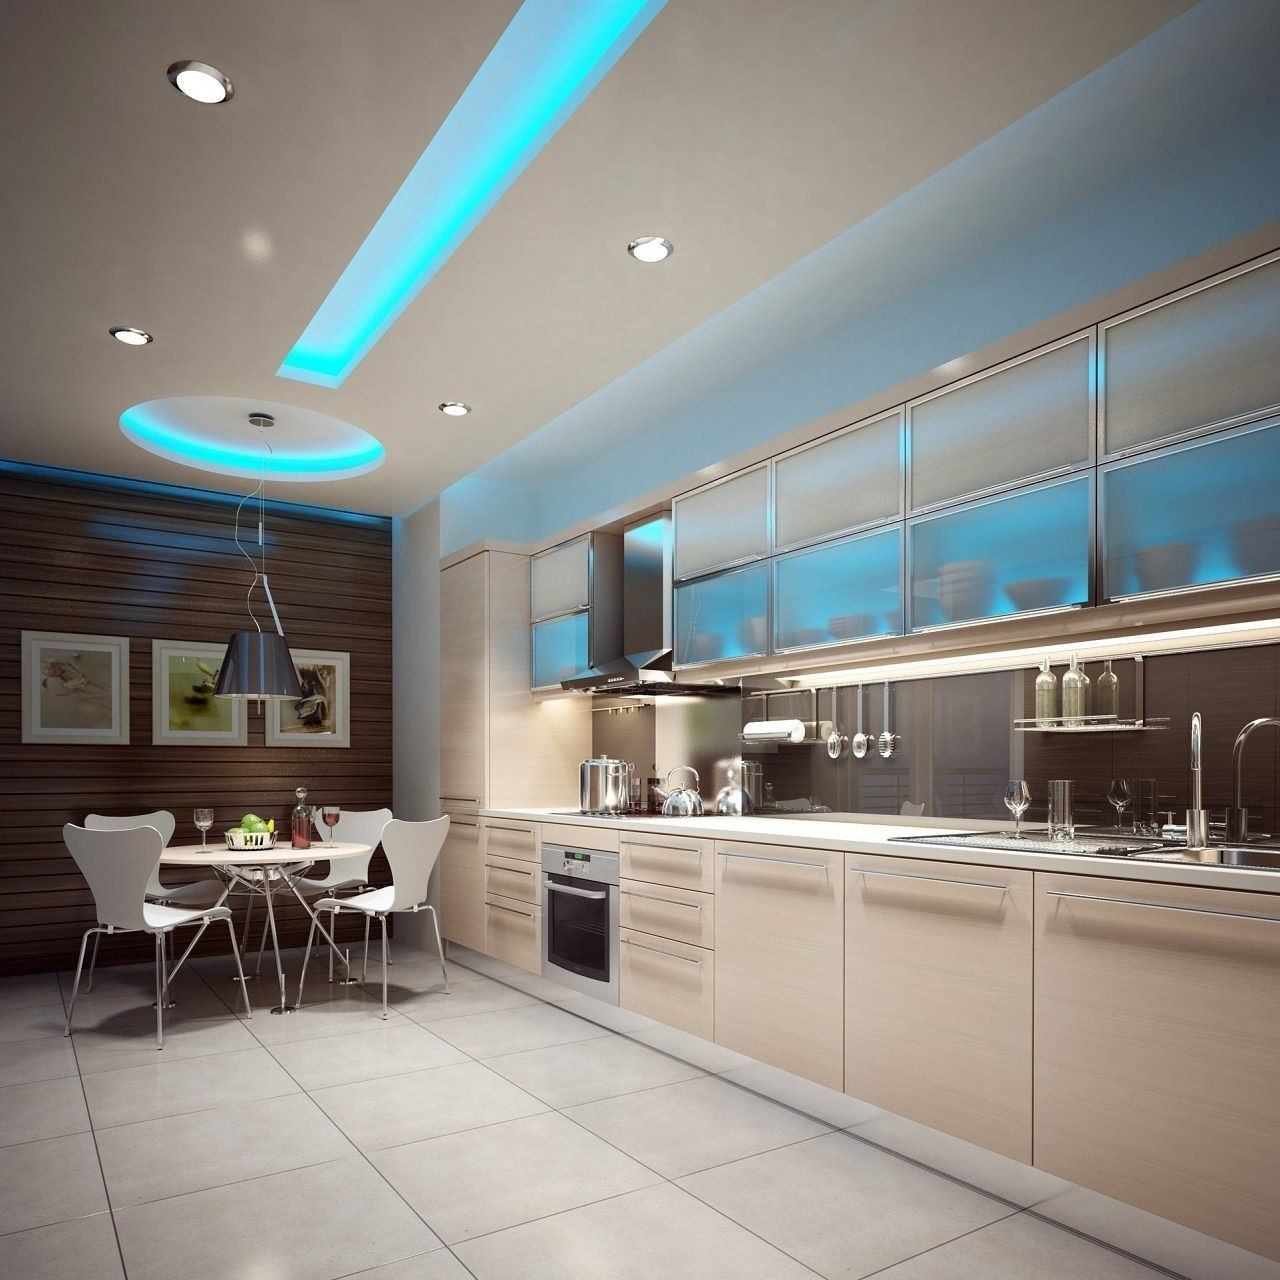 подсветка обеденной зоны на кухне